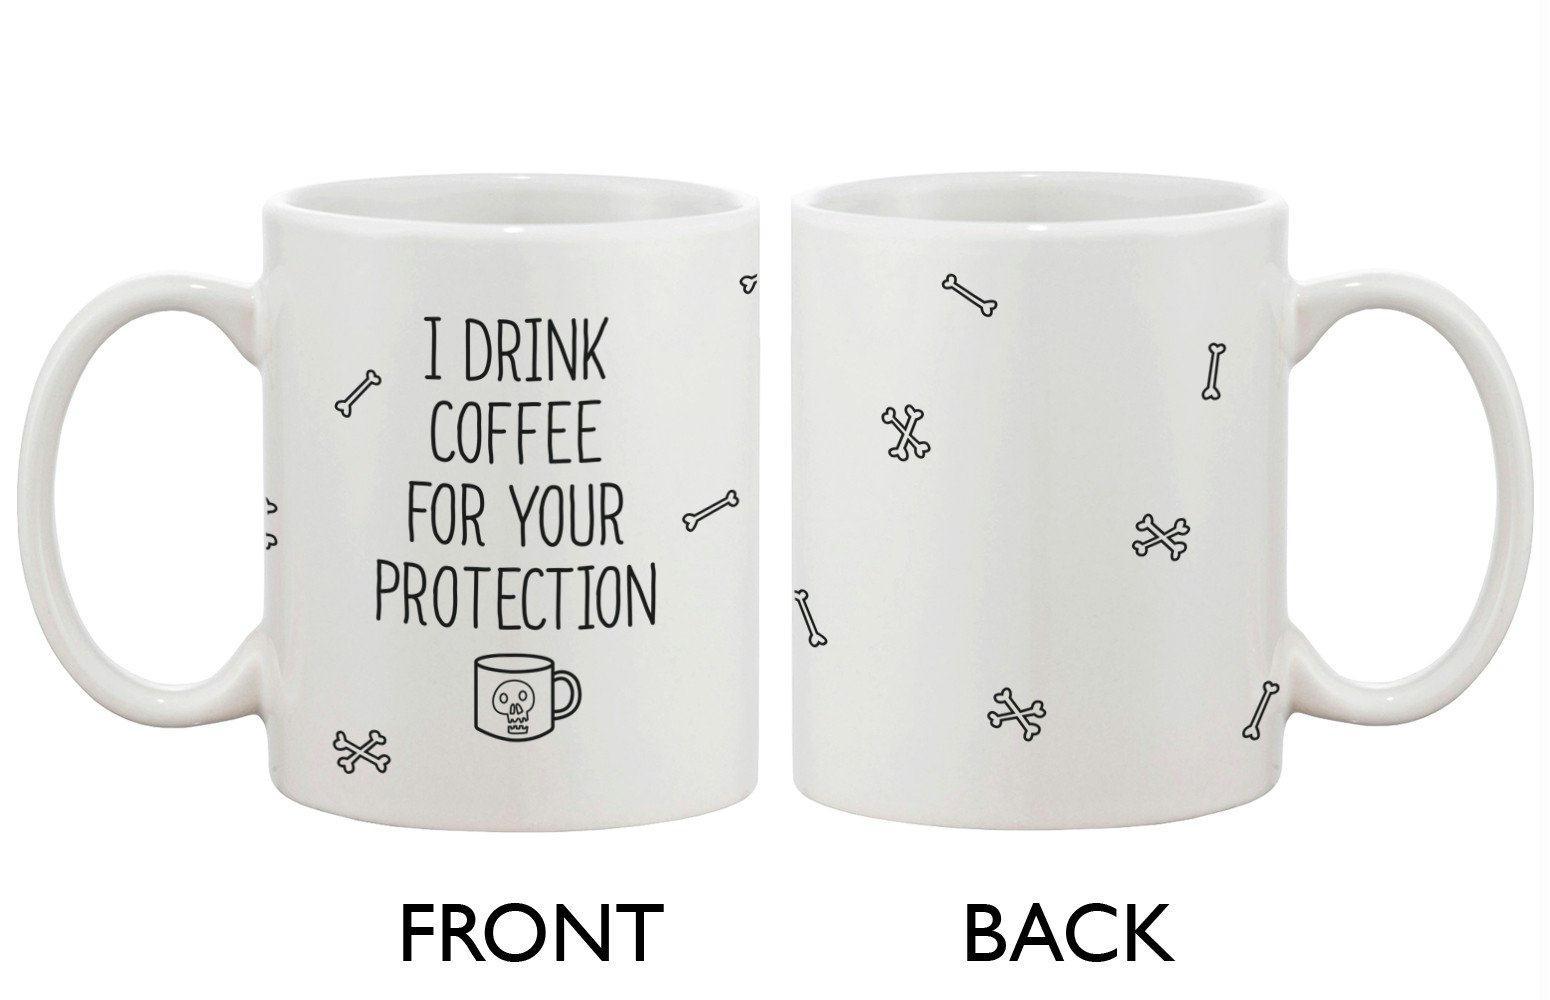 Funny And Unique Ceramic Coffee Mug I Drink Coffee For Your Protection Walmart Com Walmart Com